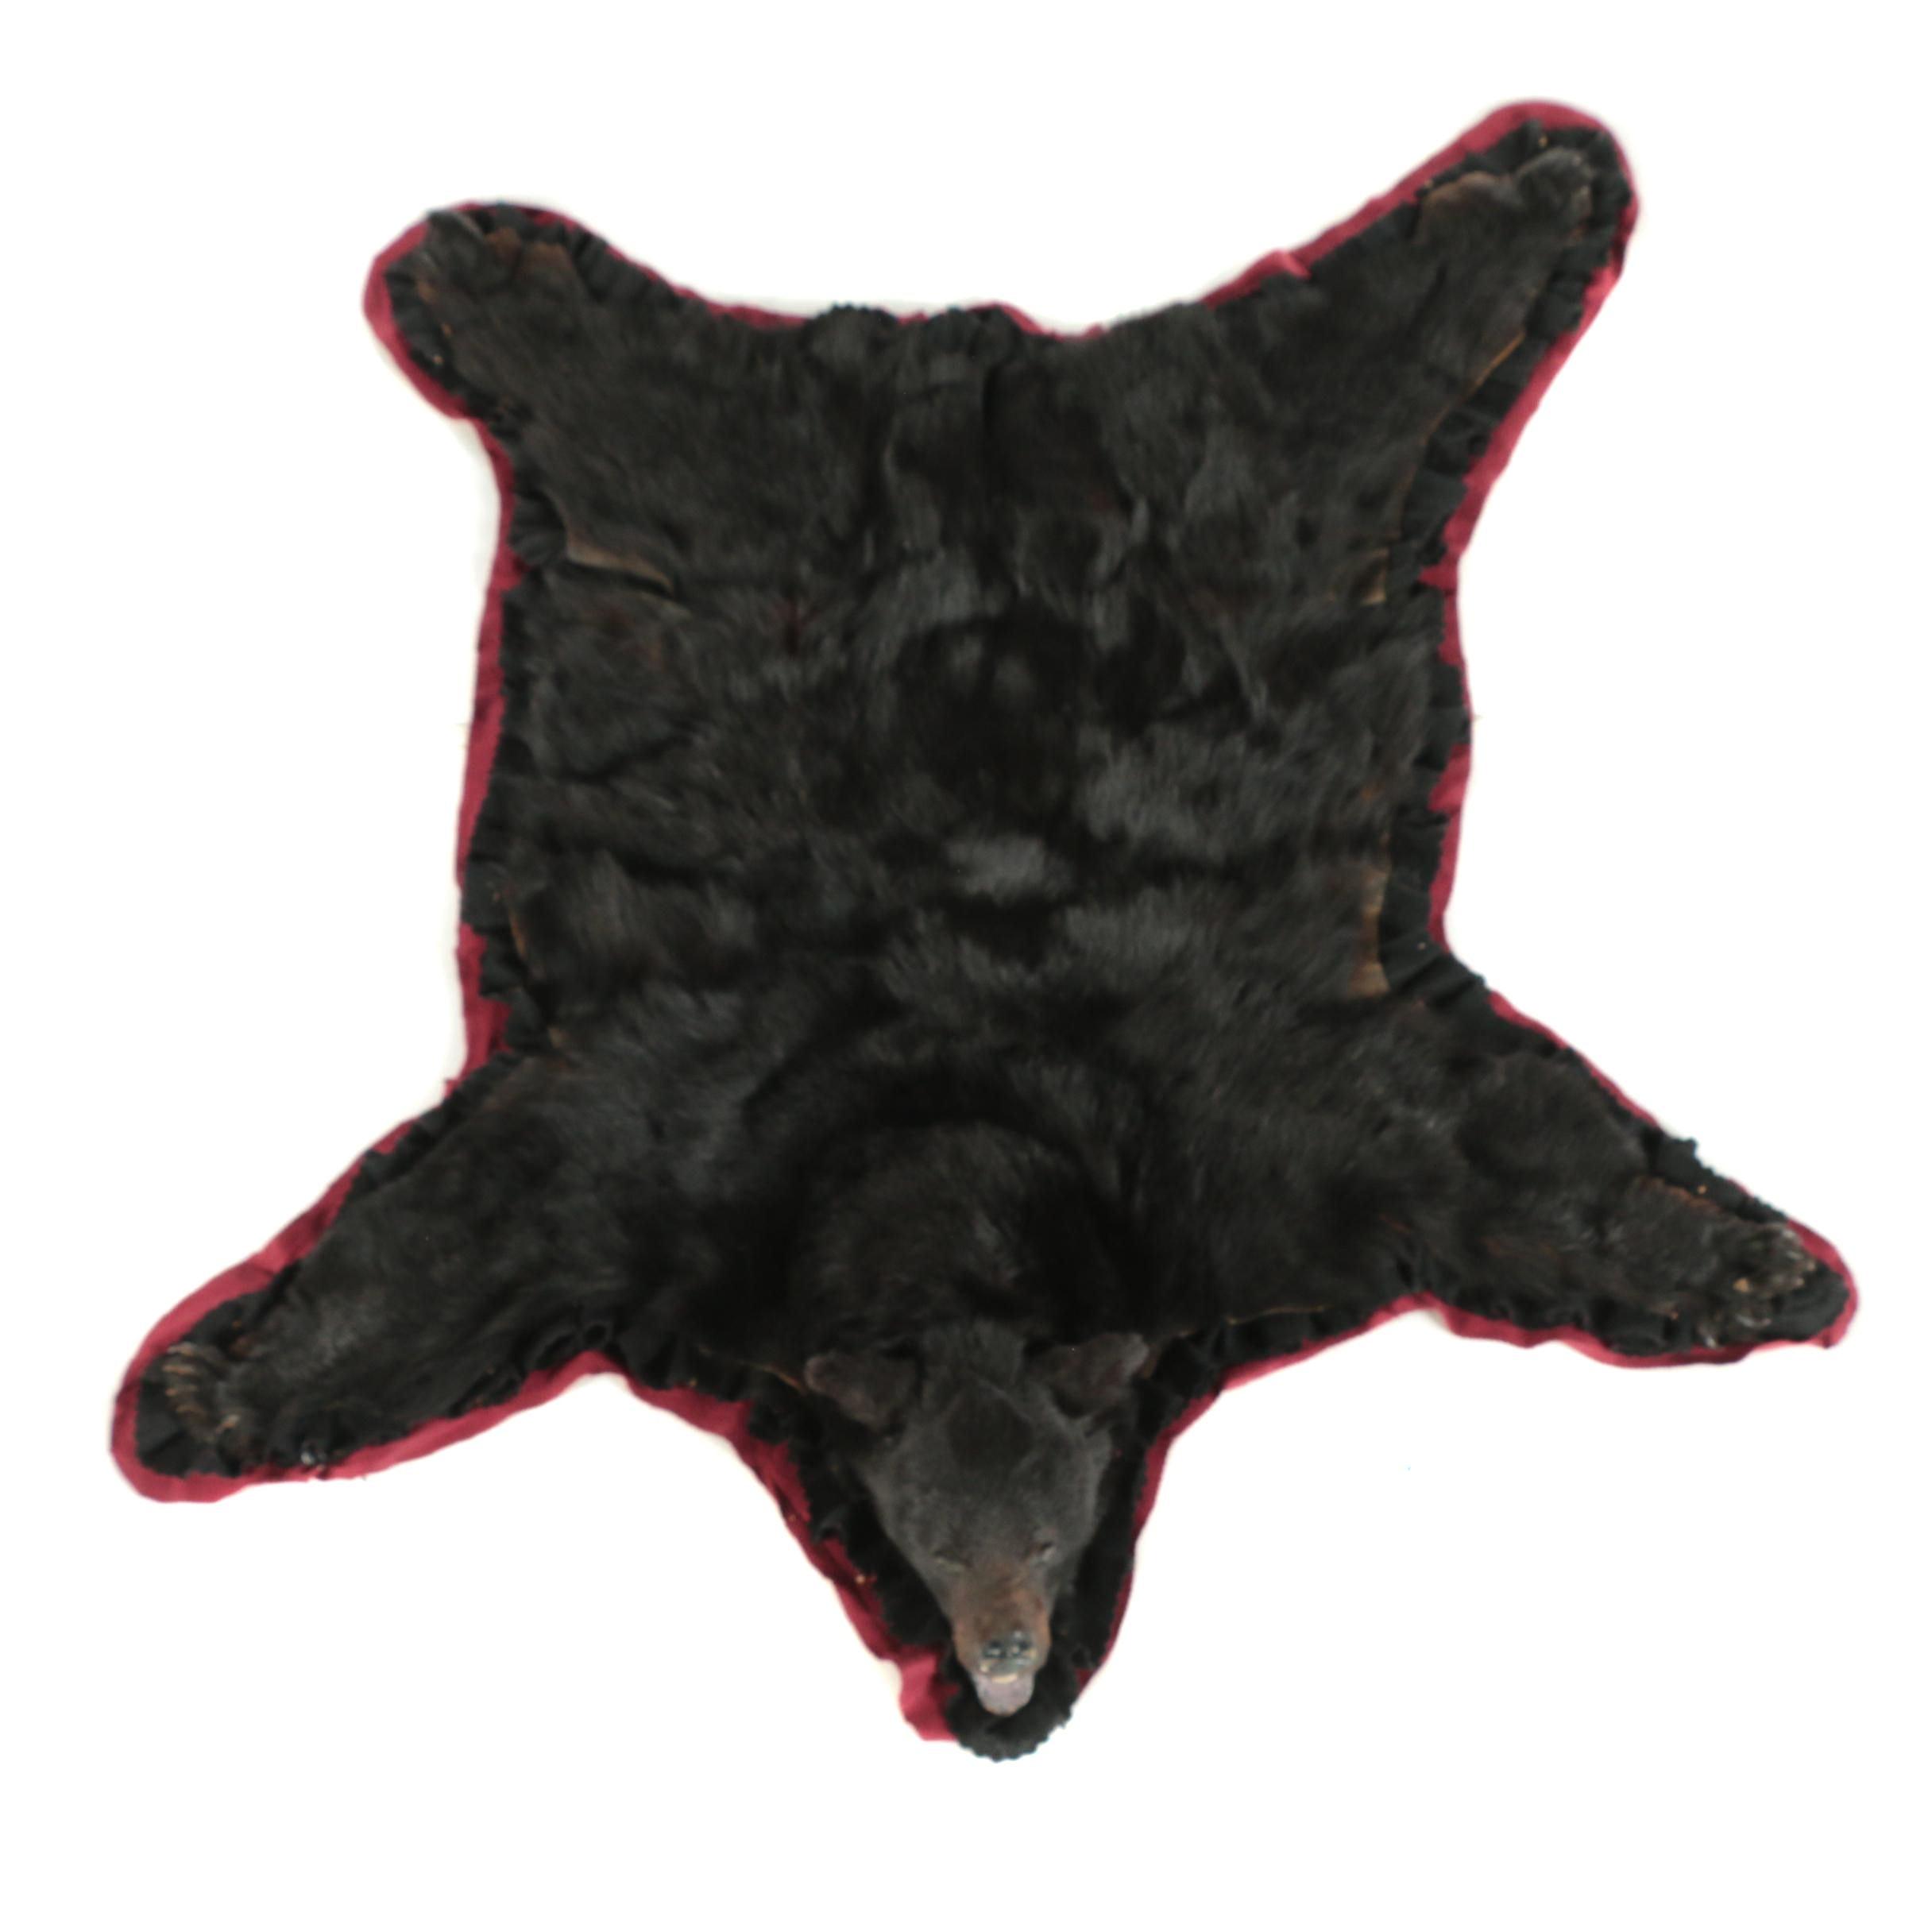 American Black Bear Full Body Pelt with Felt Backing